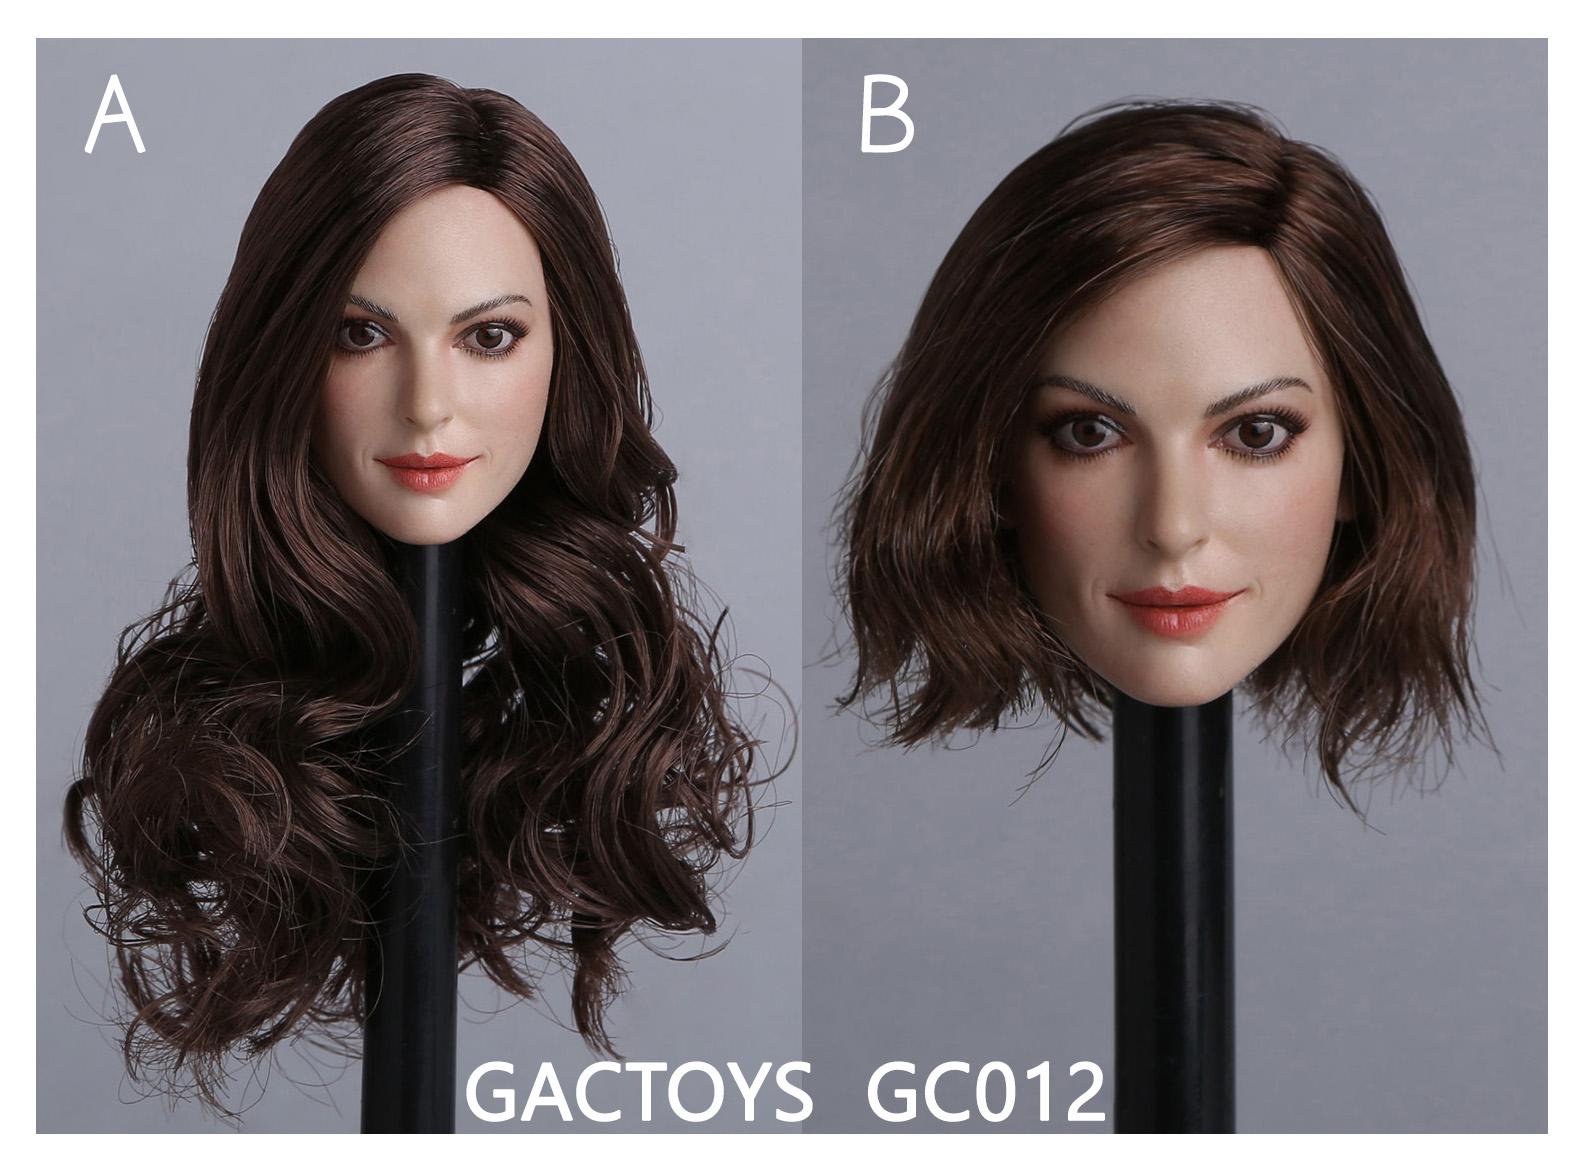 GACTOYS GC012 Beauty headsculpt